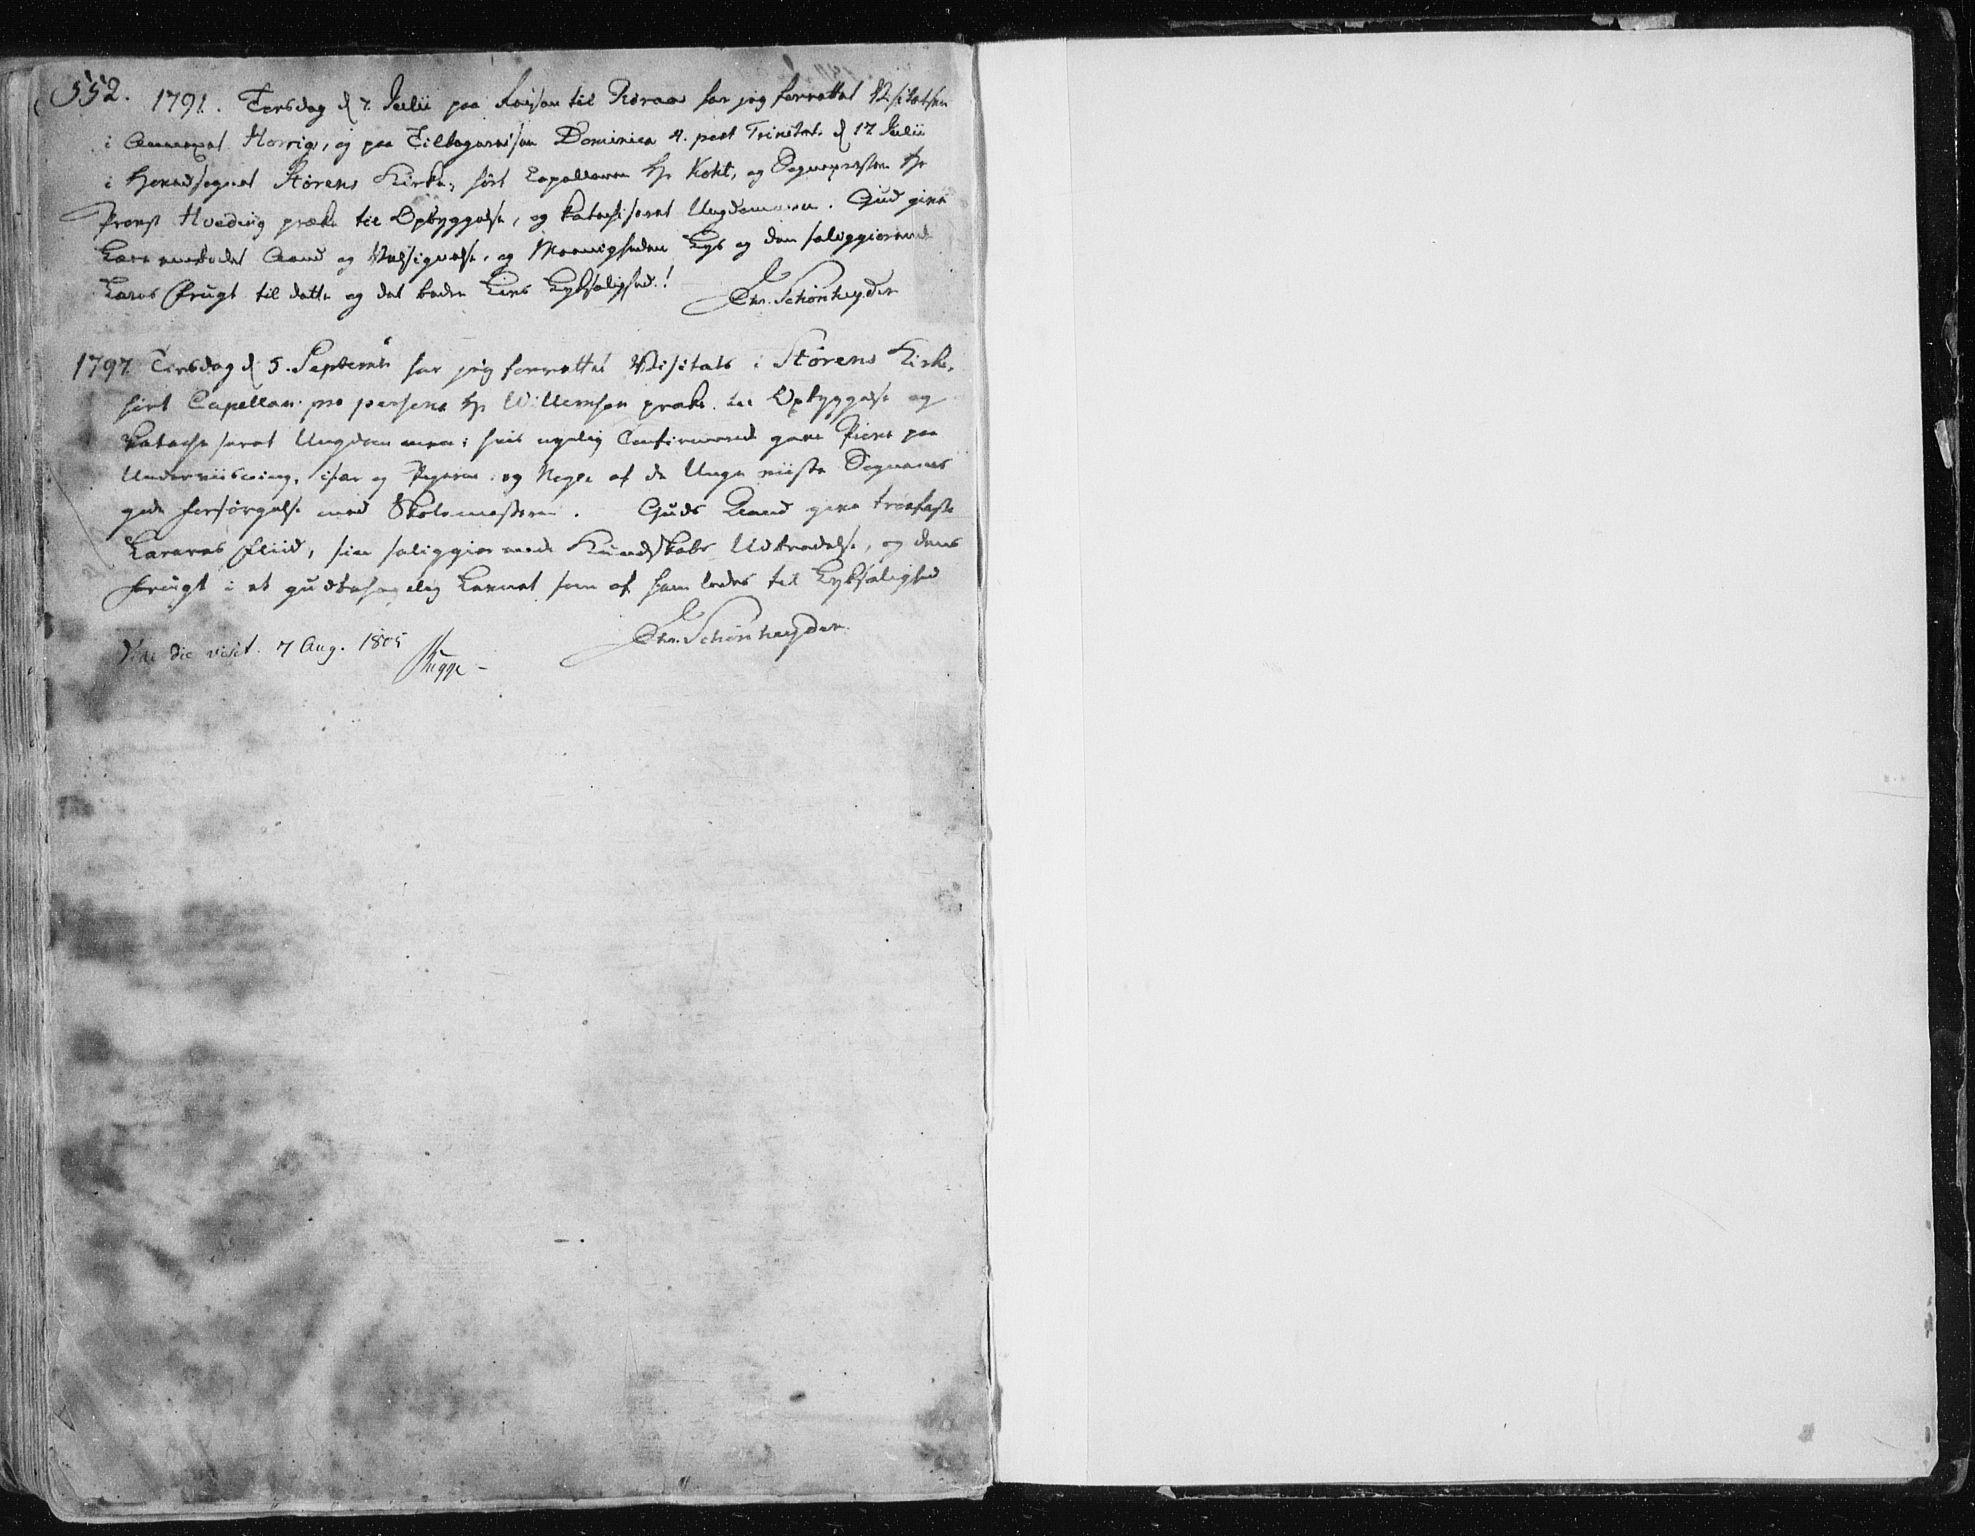 SAT, Ministerialprotokoller, klokkerbøker og fødselsregistre - Sør-Trøndelag, 687/L0992: Ministerialbok nr. 687A03 /1, 1788-1815, s. 552-553